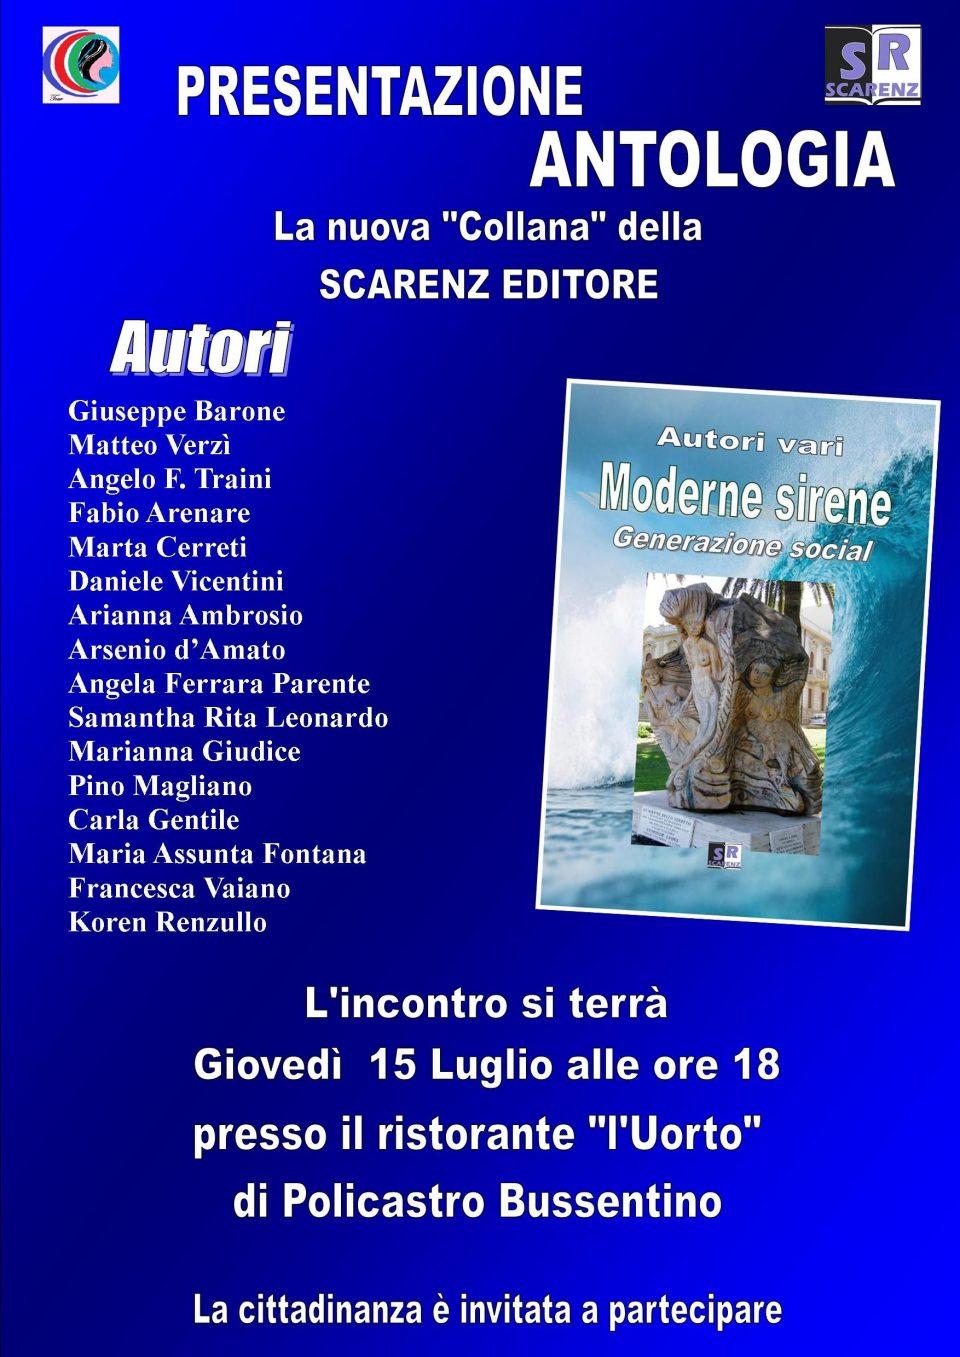 12072021 manifestocon siren 960x1357 - Policastro Bussentino, presentazione della nuova collana di Scarenz Editore